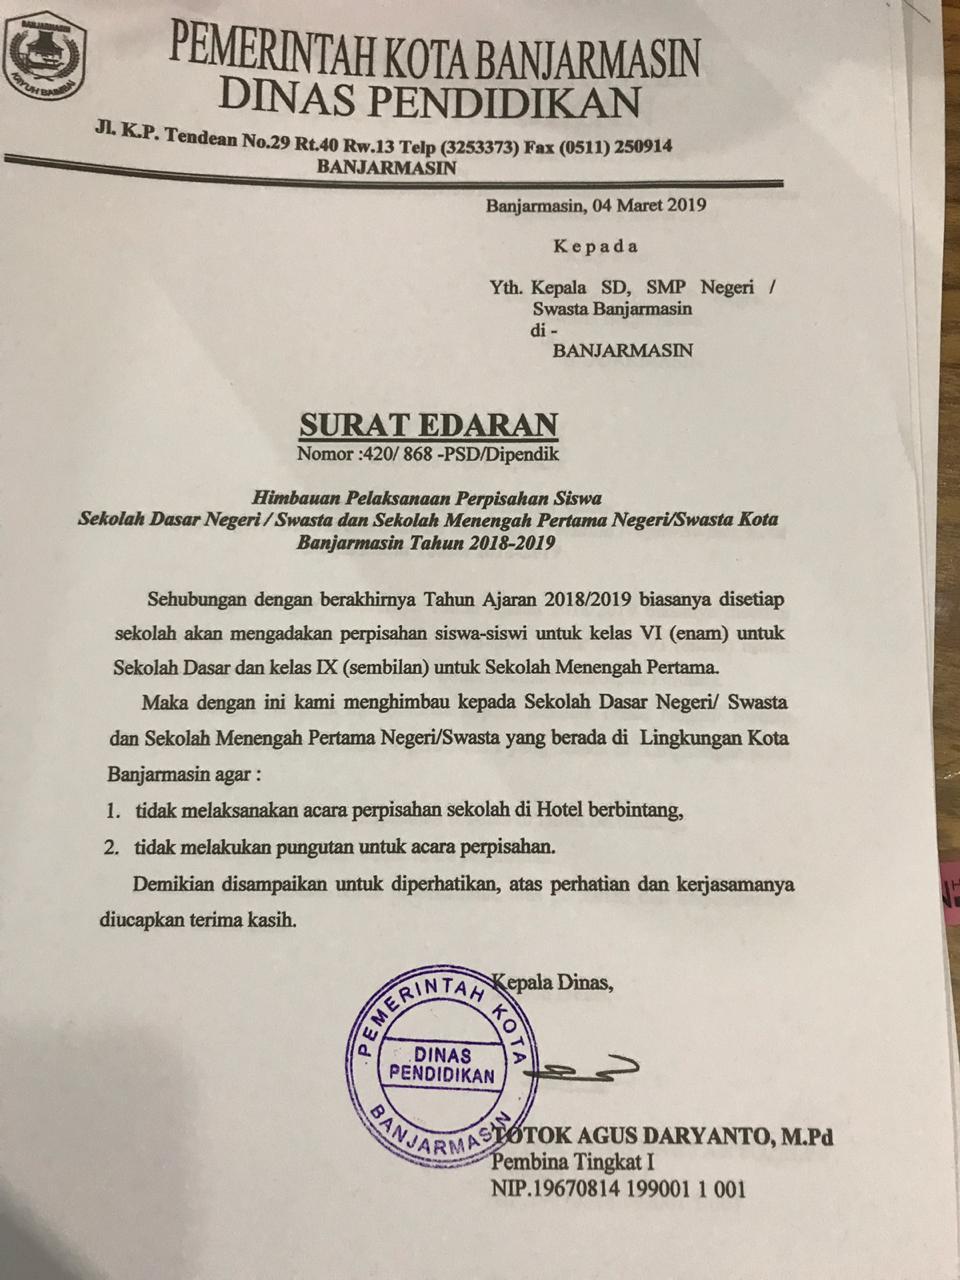 Surat Edaran Himbauan Pelaksanaan Perpisahan Siswa Dinas